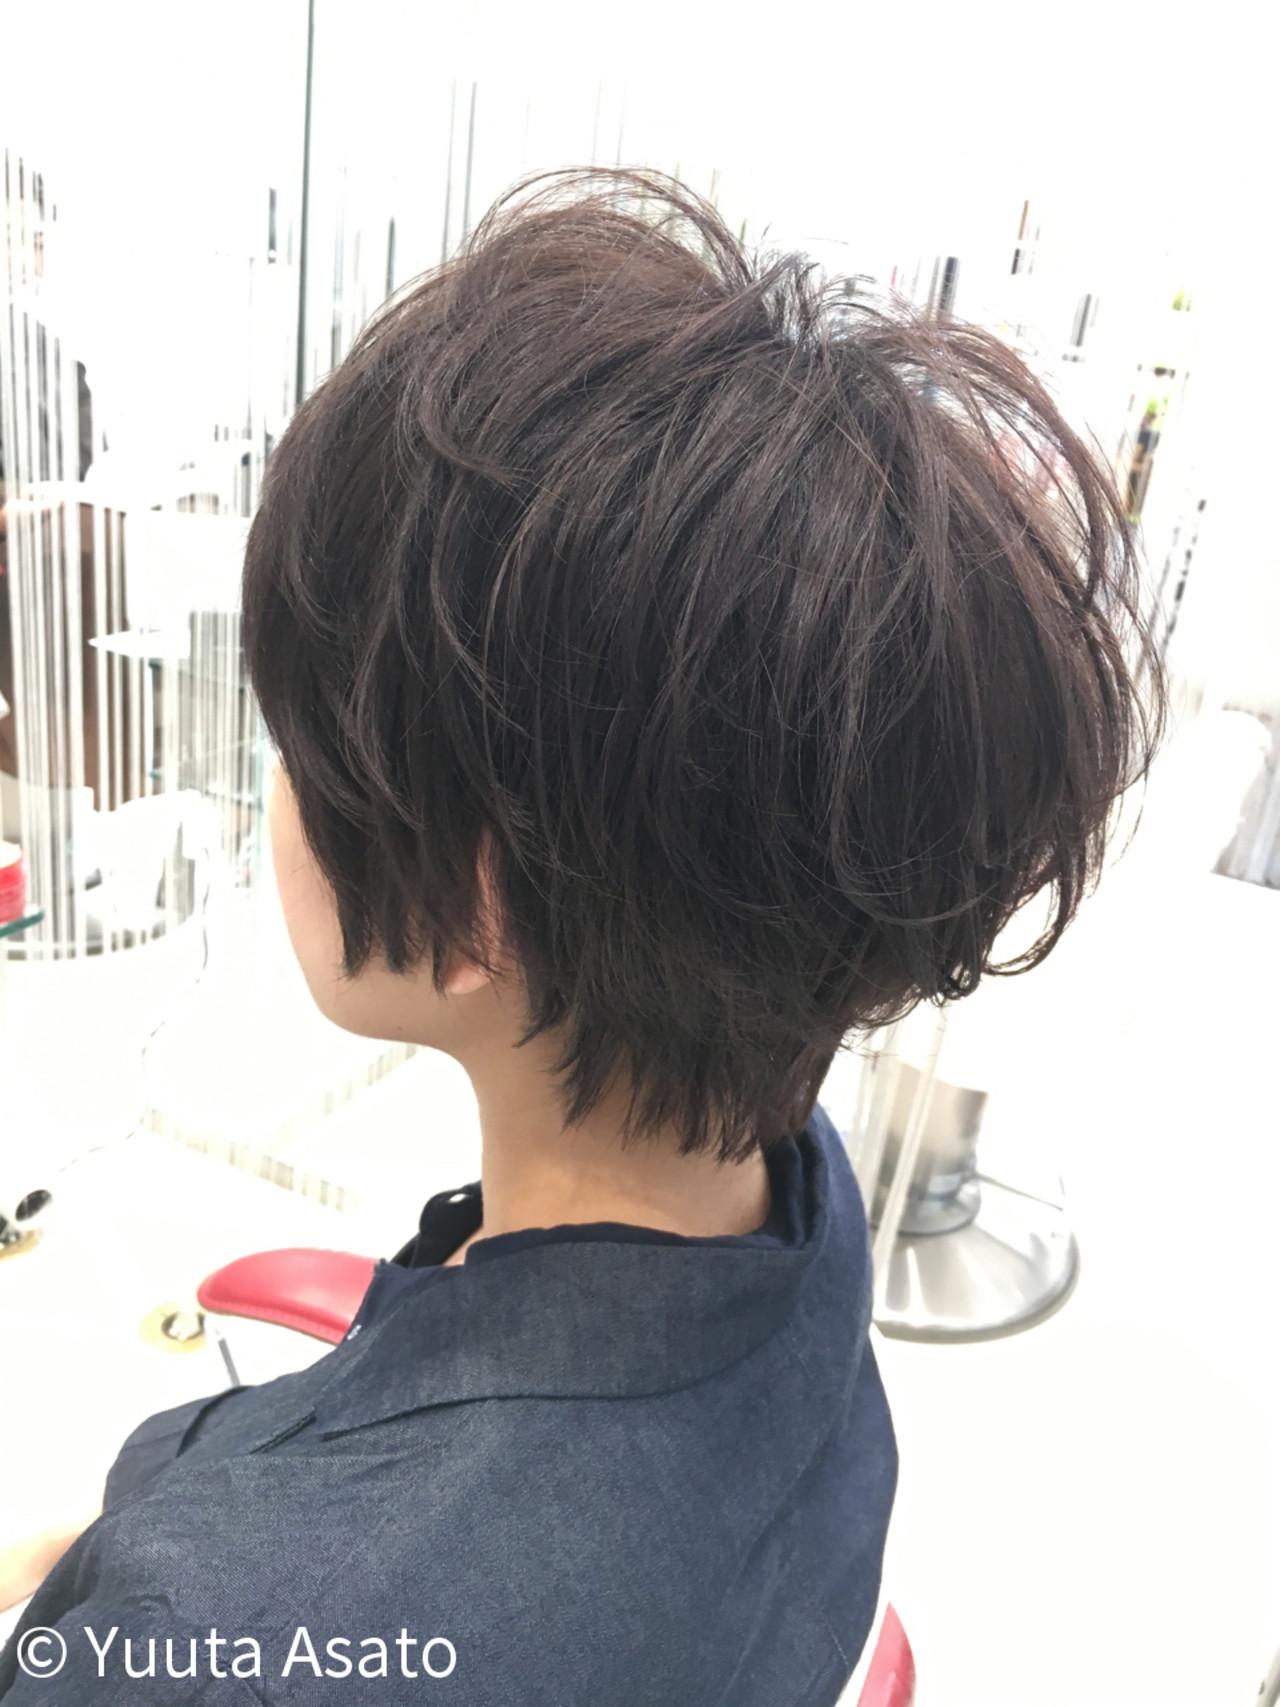 エアリー 大人かわいい ショートボブ ナチュラル ヘアスタイルや髪型の写真・画像 | Yuuta Asato / Moana by HEADLIGHT 沖縄東崎店